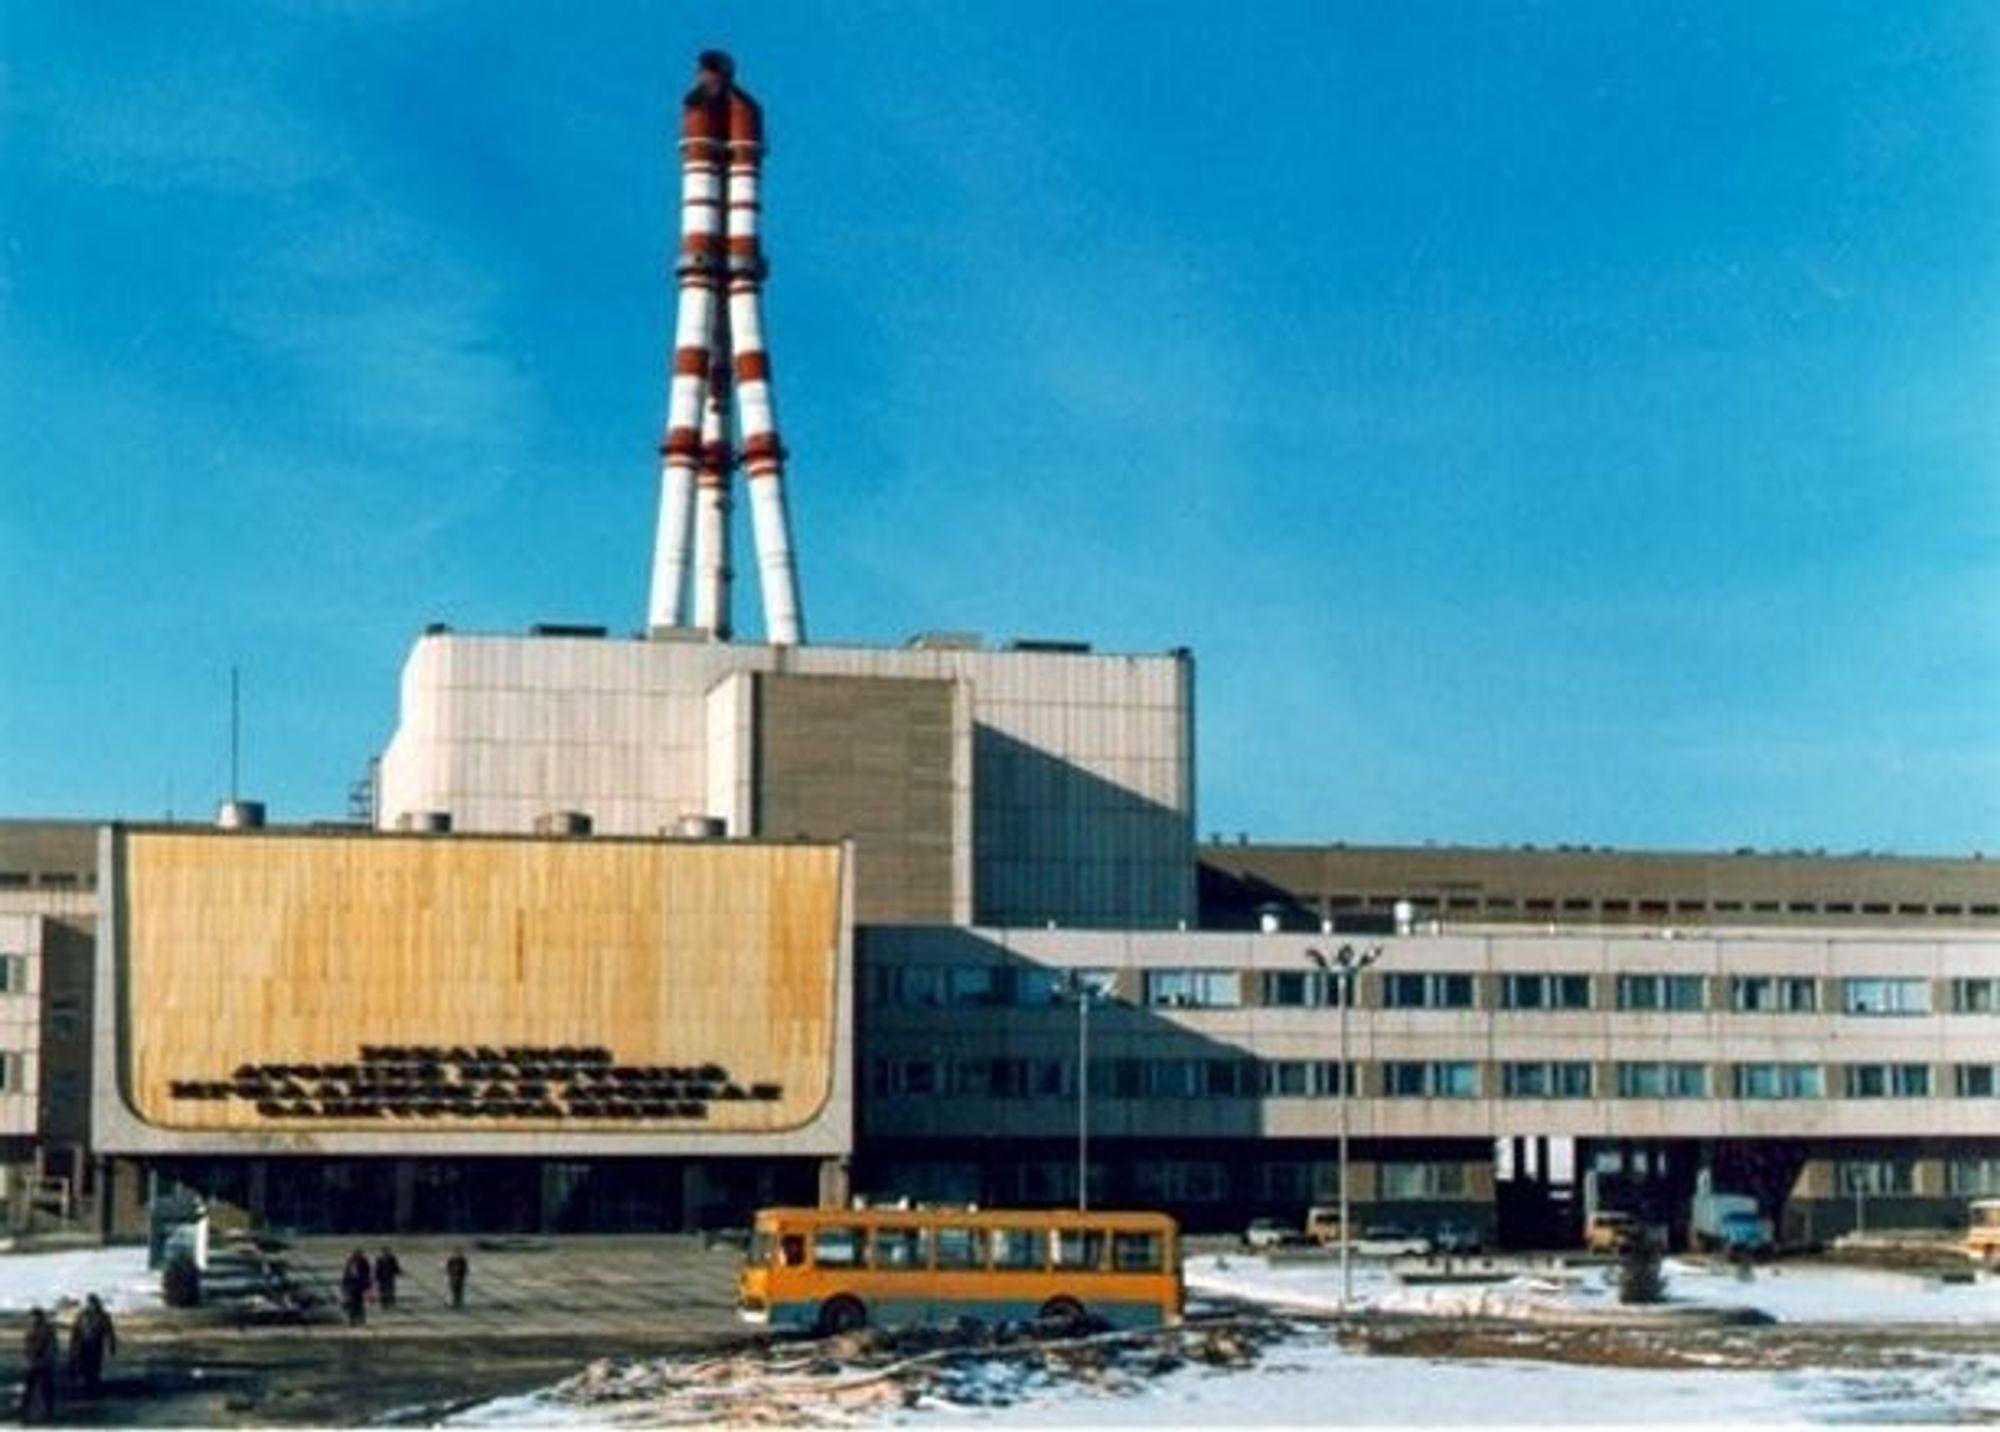 SIKRERE: Kjernekraftverket ved Ignalina helt øst i Litauen har to 500 MW reaktorer av type RBMK, samme som i Tsjernobyl. Dette verket har modernisert styring. Nå får også de russiske verkene sikrere styring. FOTO: STEIN BEKKEVOLD